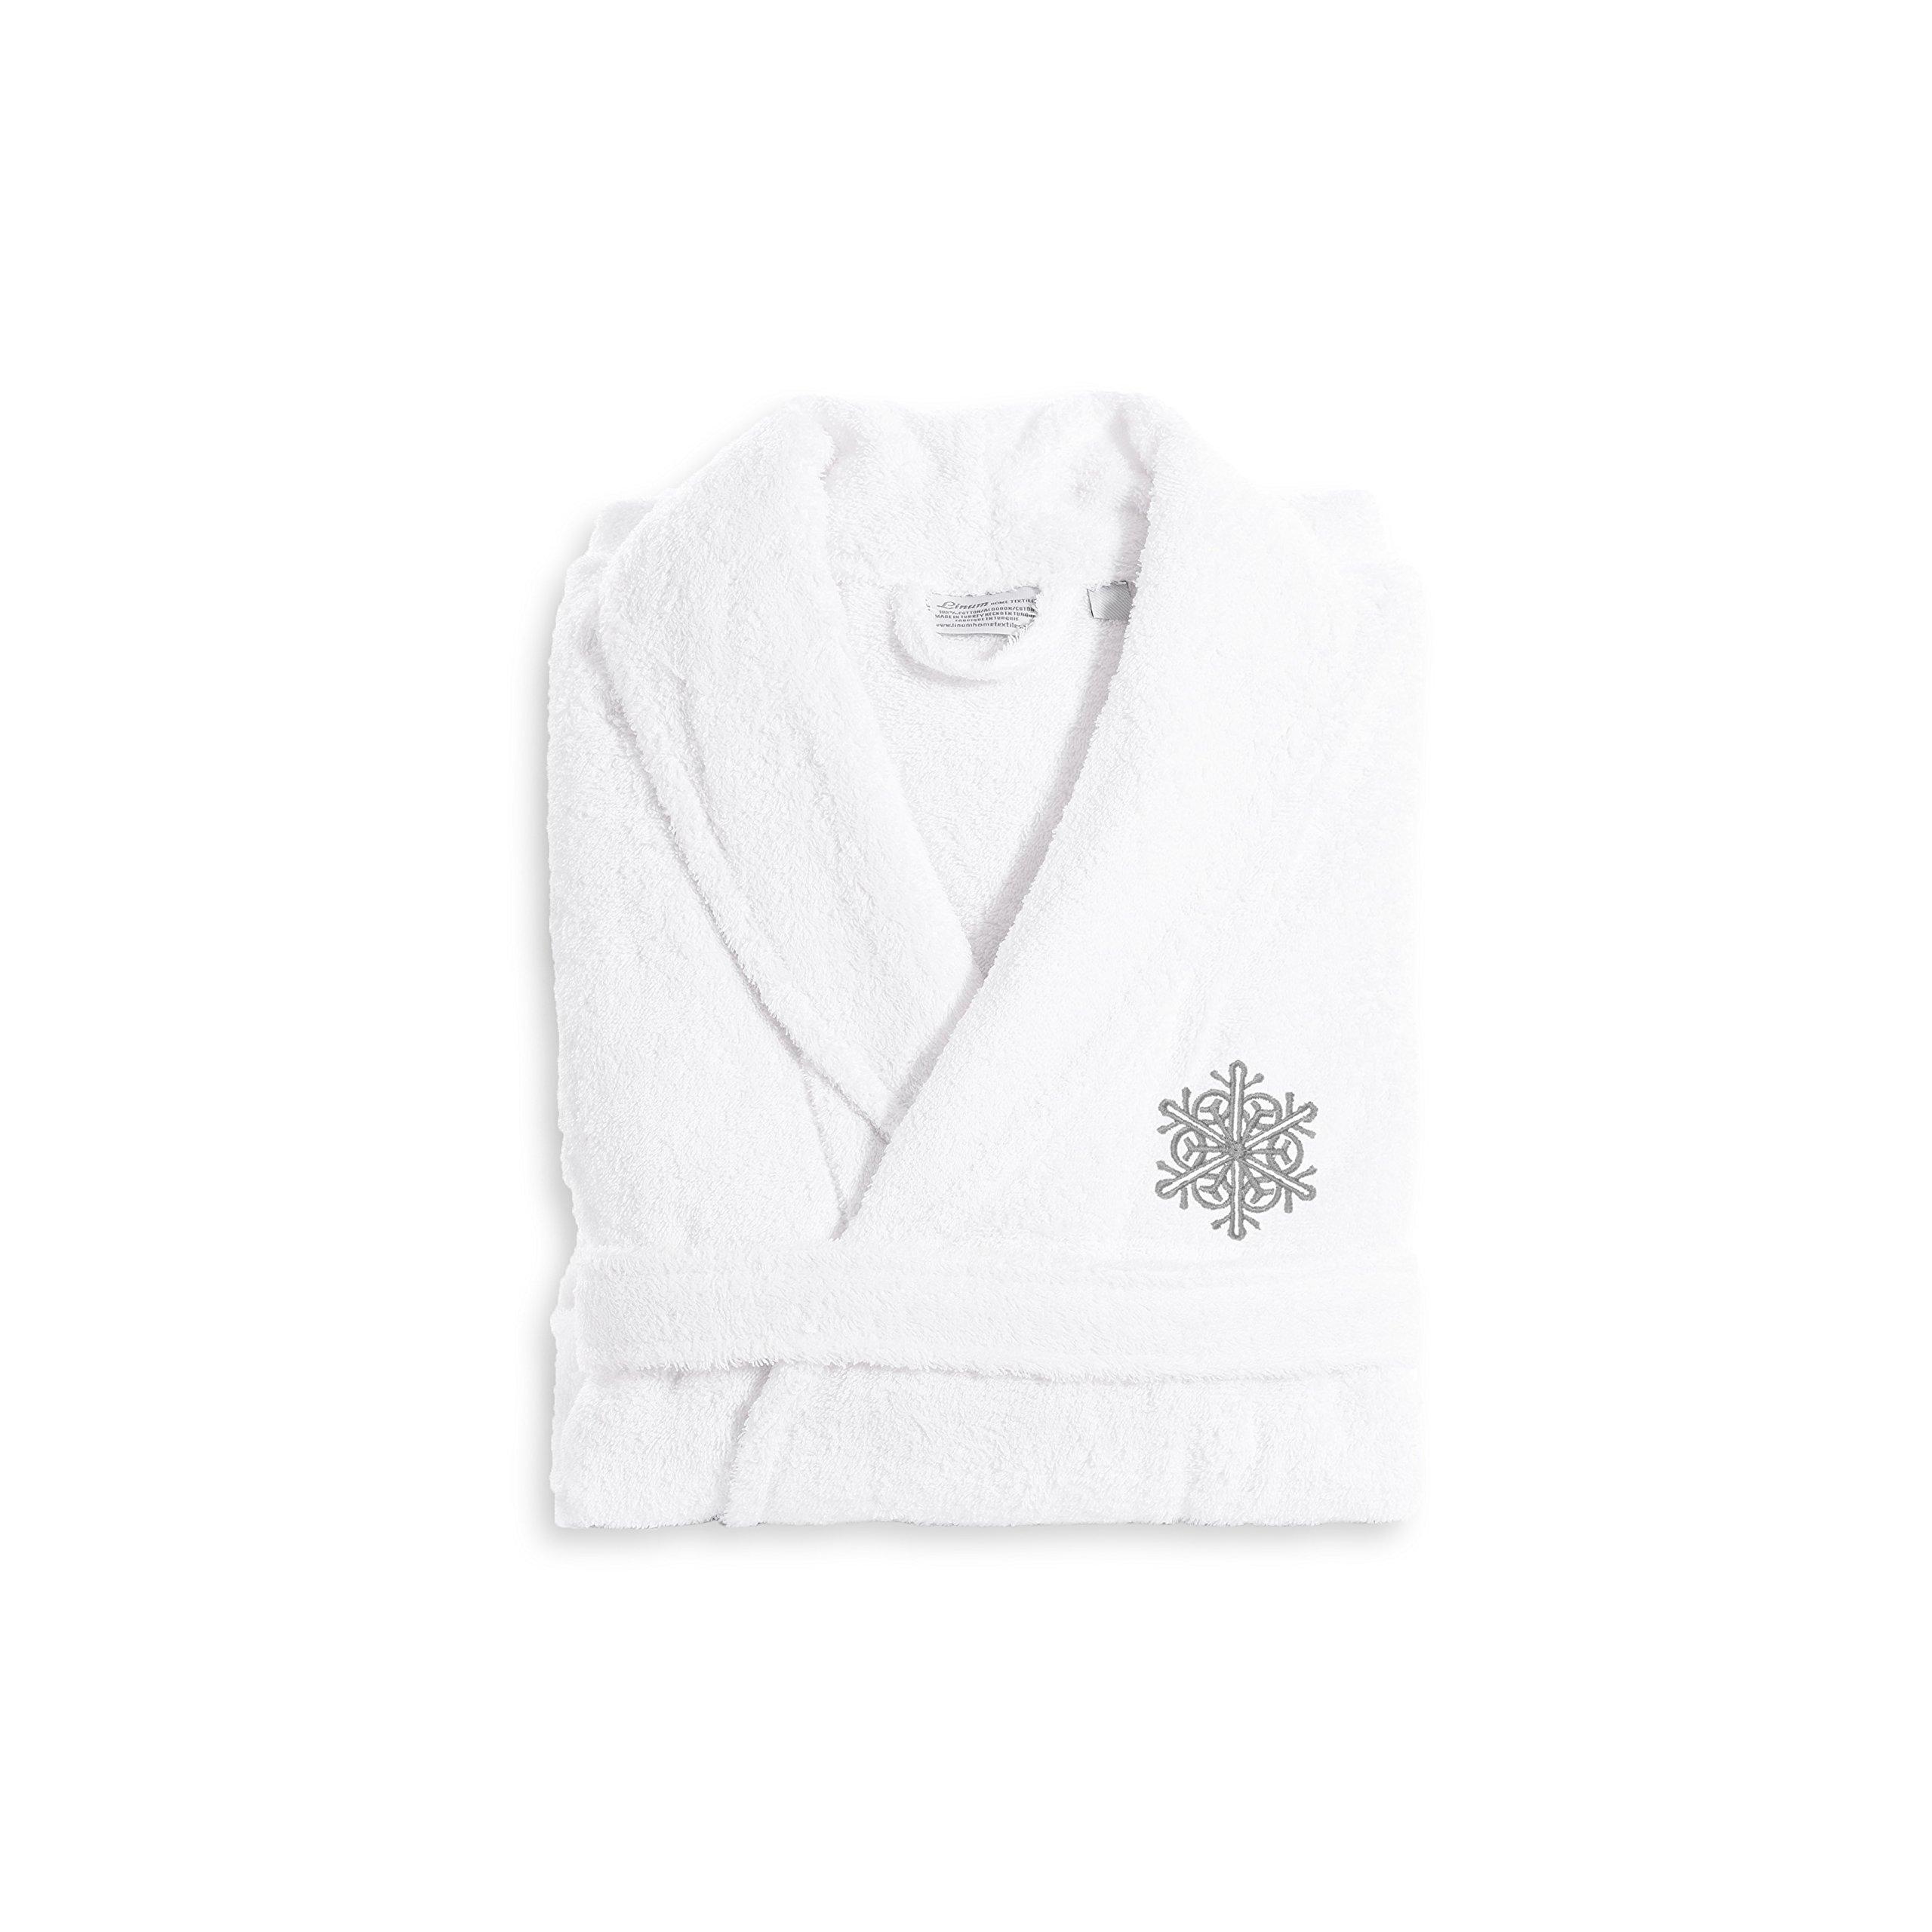 Linum Home Textiles TR00-XX-95-FLK Terry Robe Grey Snow Flake